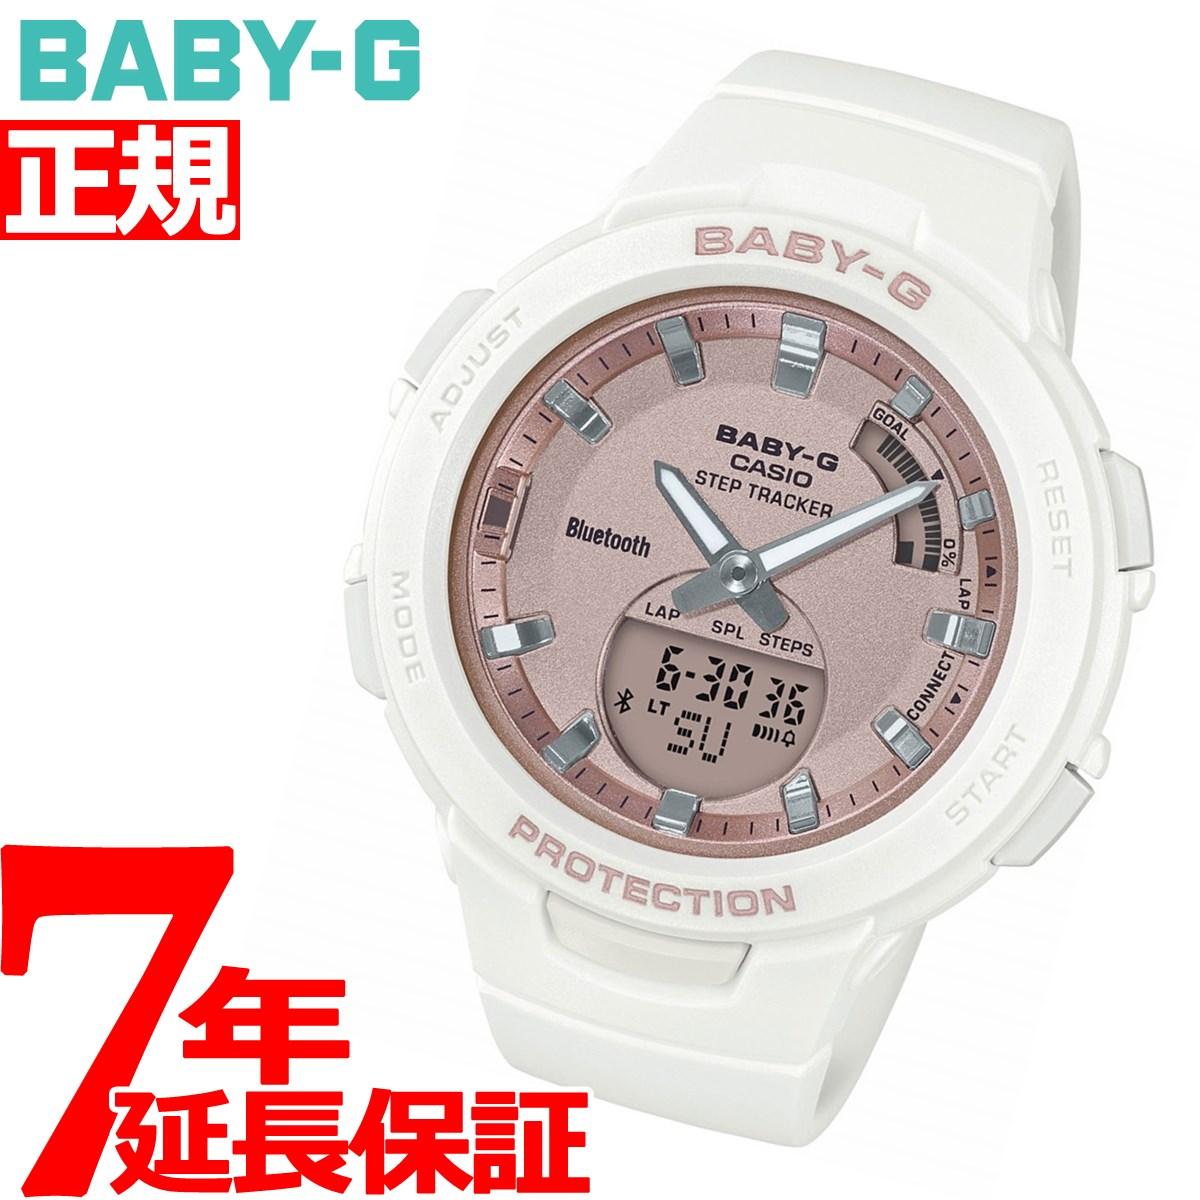 BABY-G G-SQUAD カシオ ベビーG ジースクワッド レディース 腕時計 ホワイト BSA-B100MF-7AJF【2018 新作】